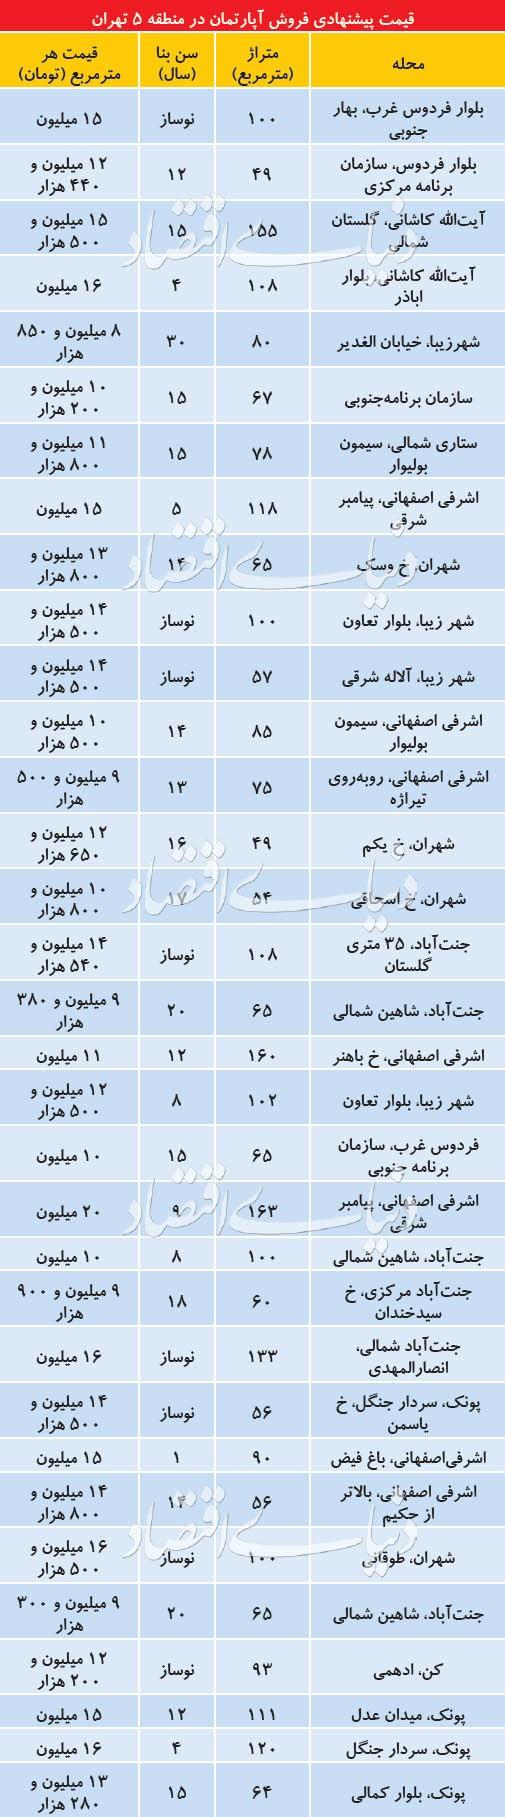 مروری بر قیمت مسکن در منطقه 5 تهران